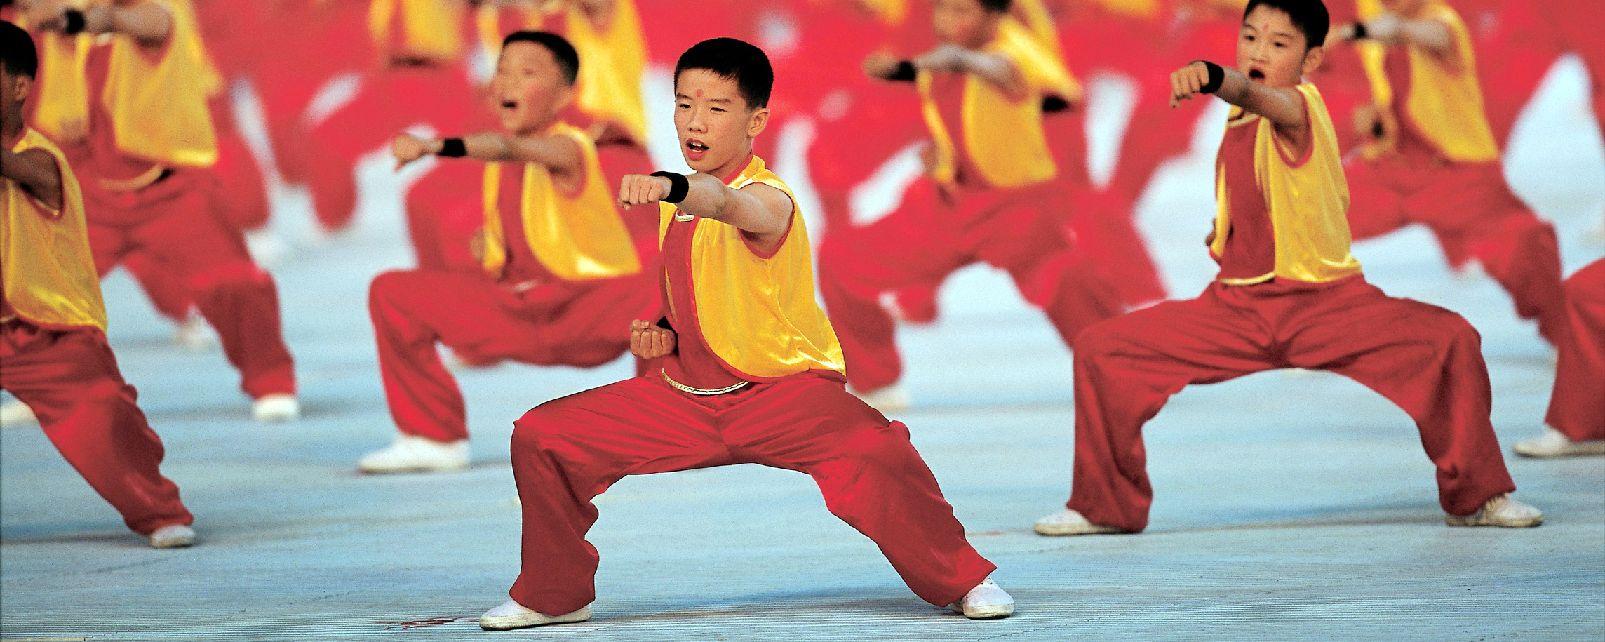 Les arts martiaux , Chine